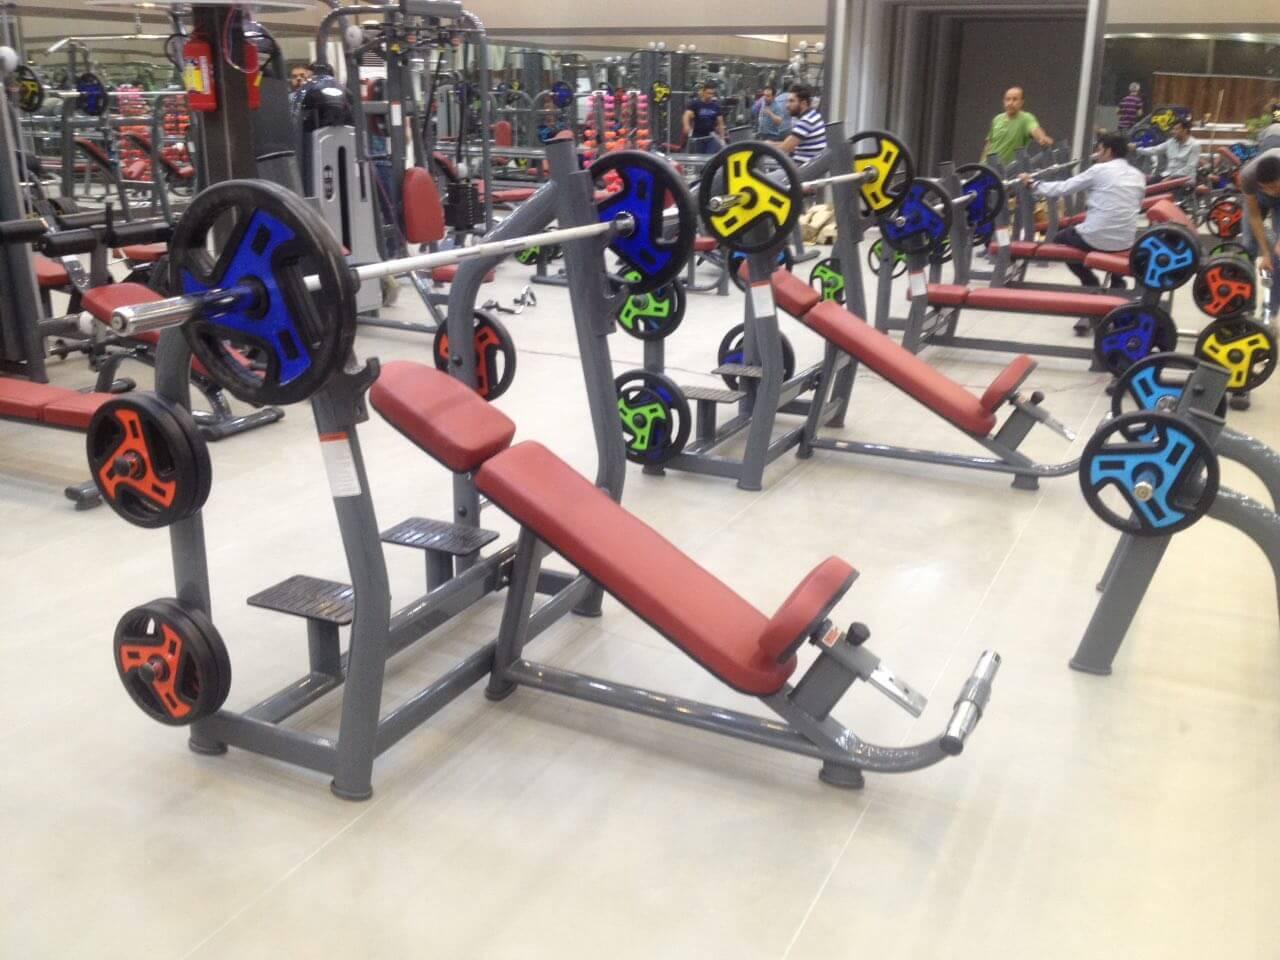 میز و نیمکت بدنسازی ایرانی -میز های طرح تکنو جیم-تولید شرکت اسمان-خرید دستگاه بدنسازی